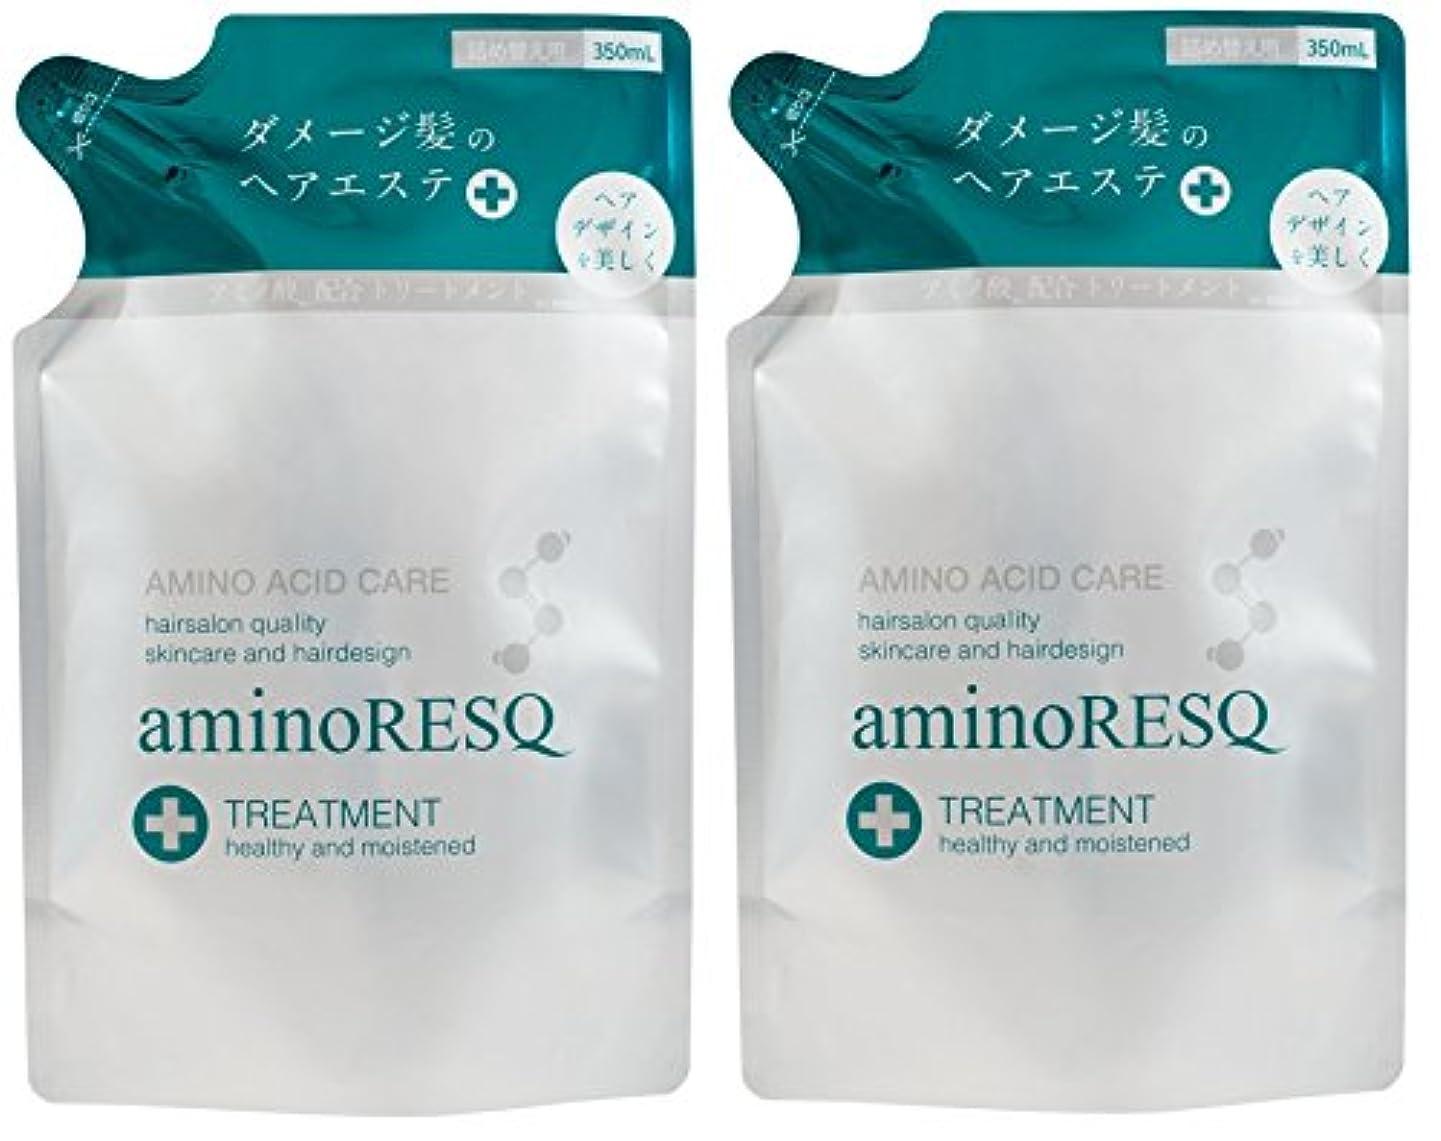 ギャラリーシェア気を散らす【2個セット】aminoRESQ アミノレスキュー トリートメント詰替